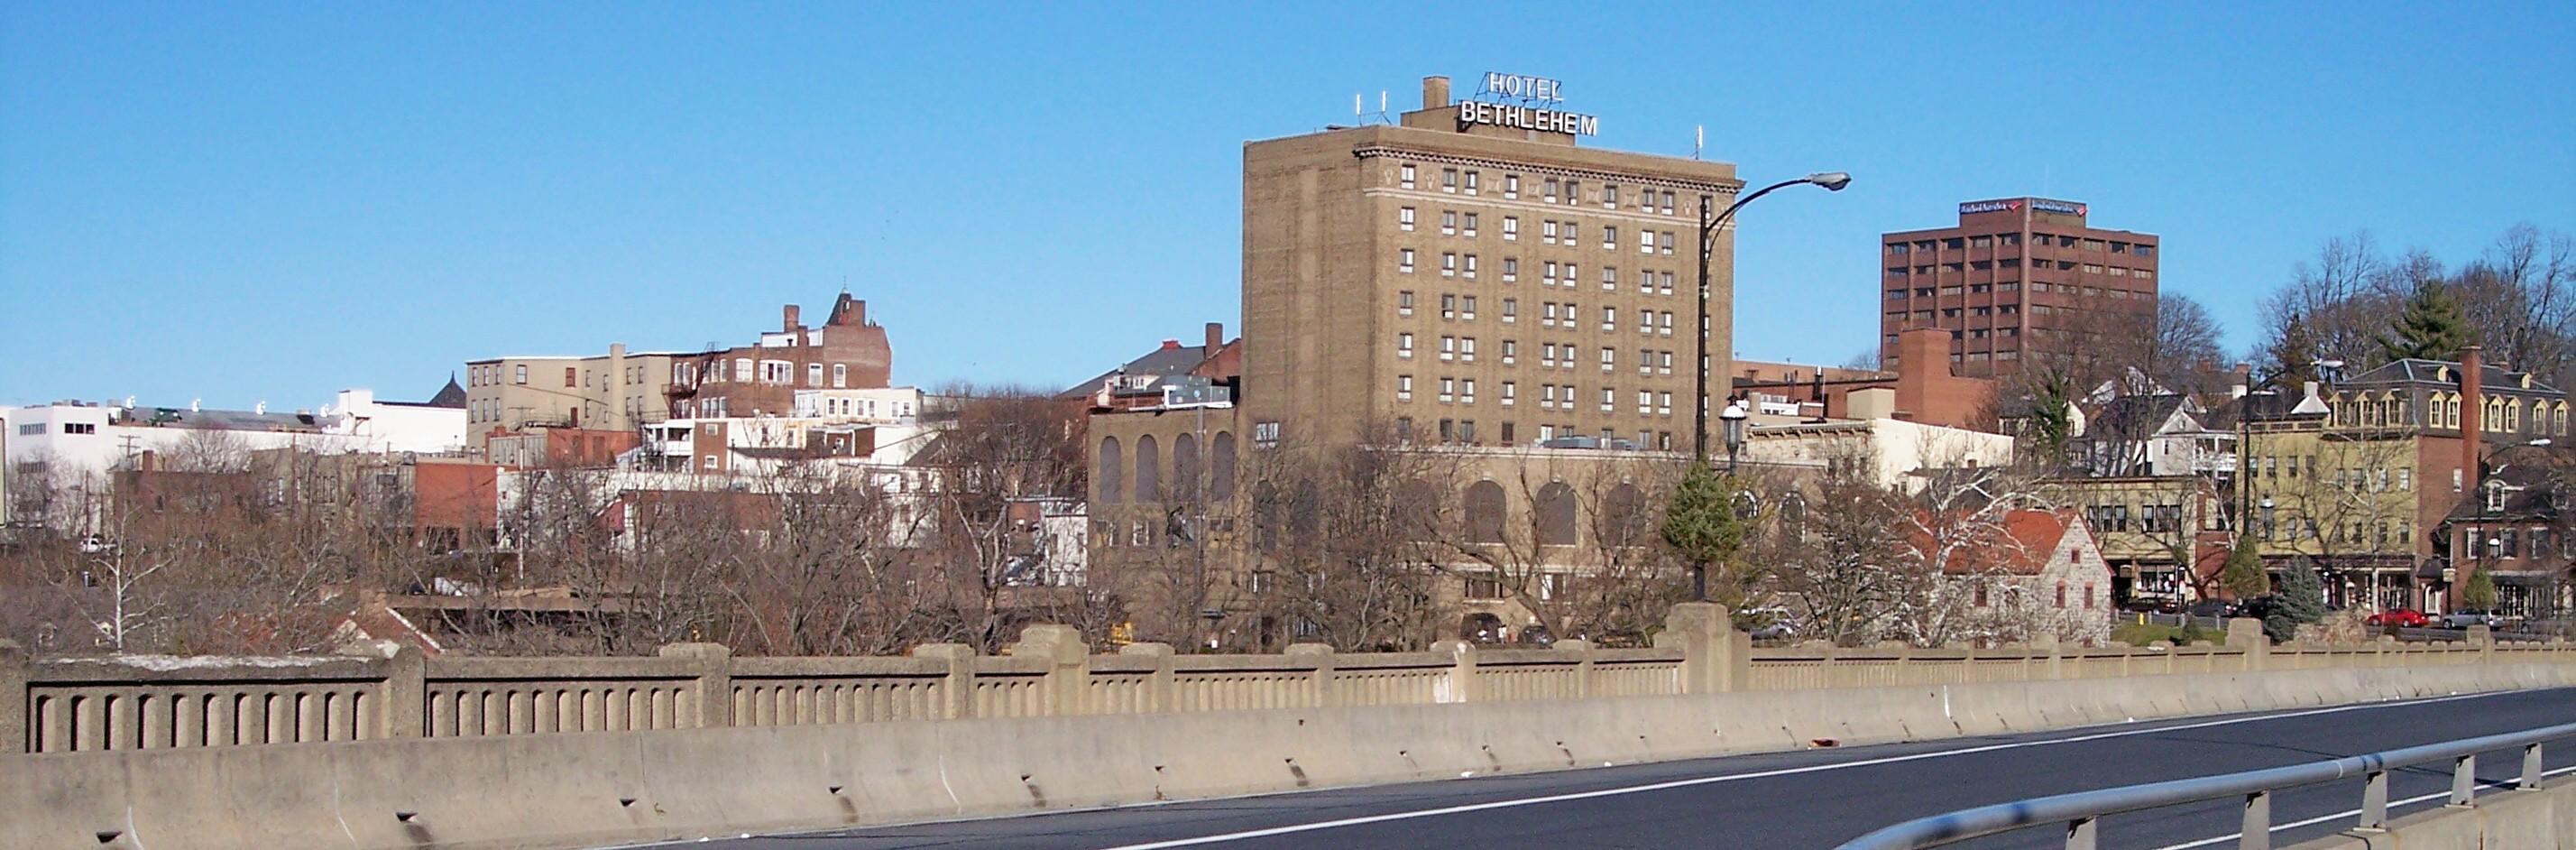 Bethlehem_Pennsylvania_